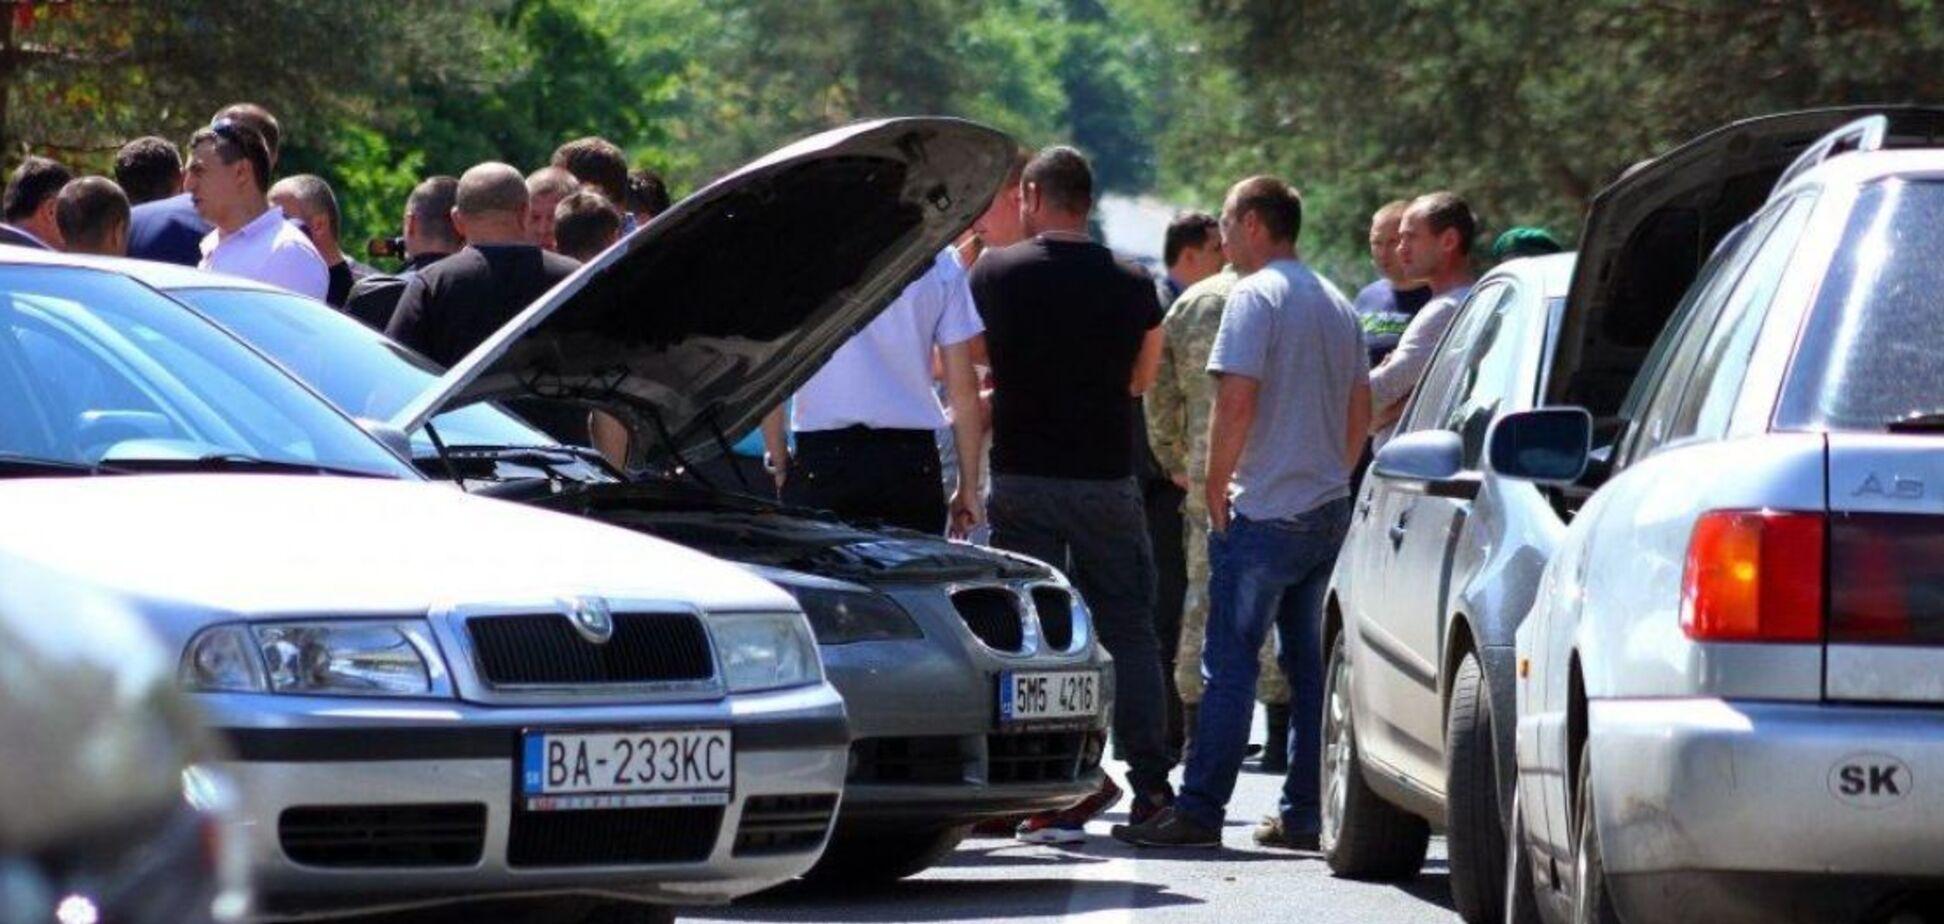 Розмитнення за добу? Журналісти розкрили злодійську схему в одеському 'Автохабі'